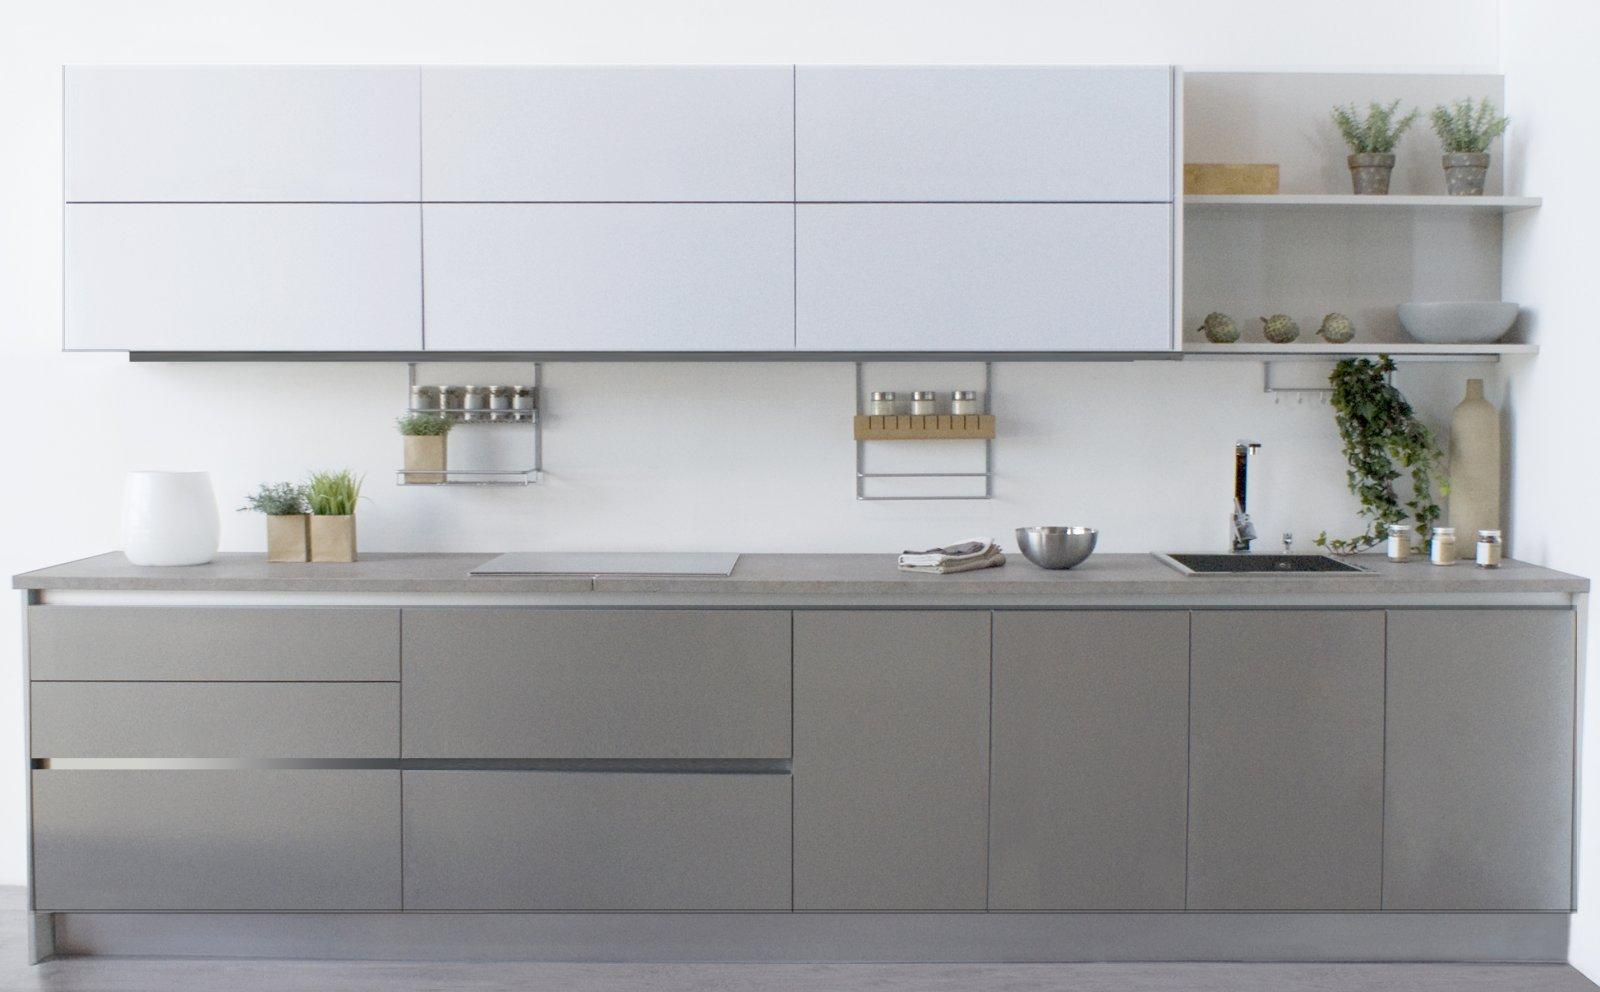 Crea tu cocina a medida con tpc cocinas decoraci n del hogar for Esmalte para muebles de cocina